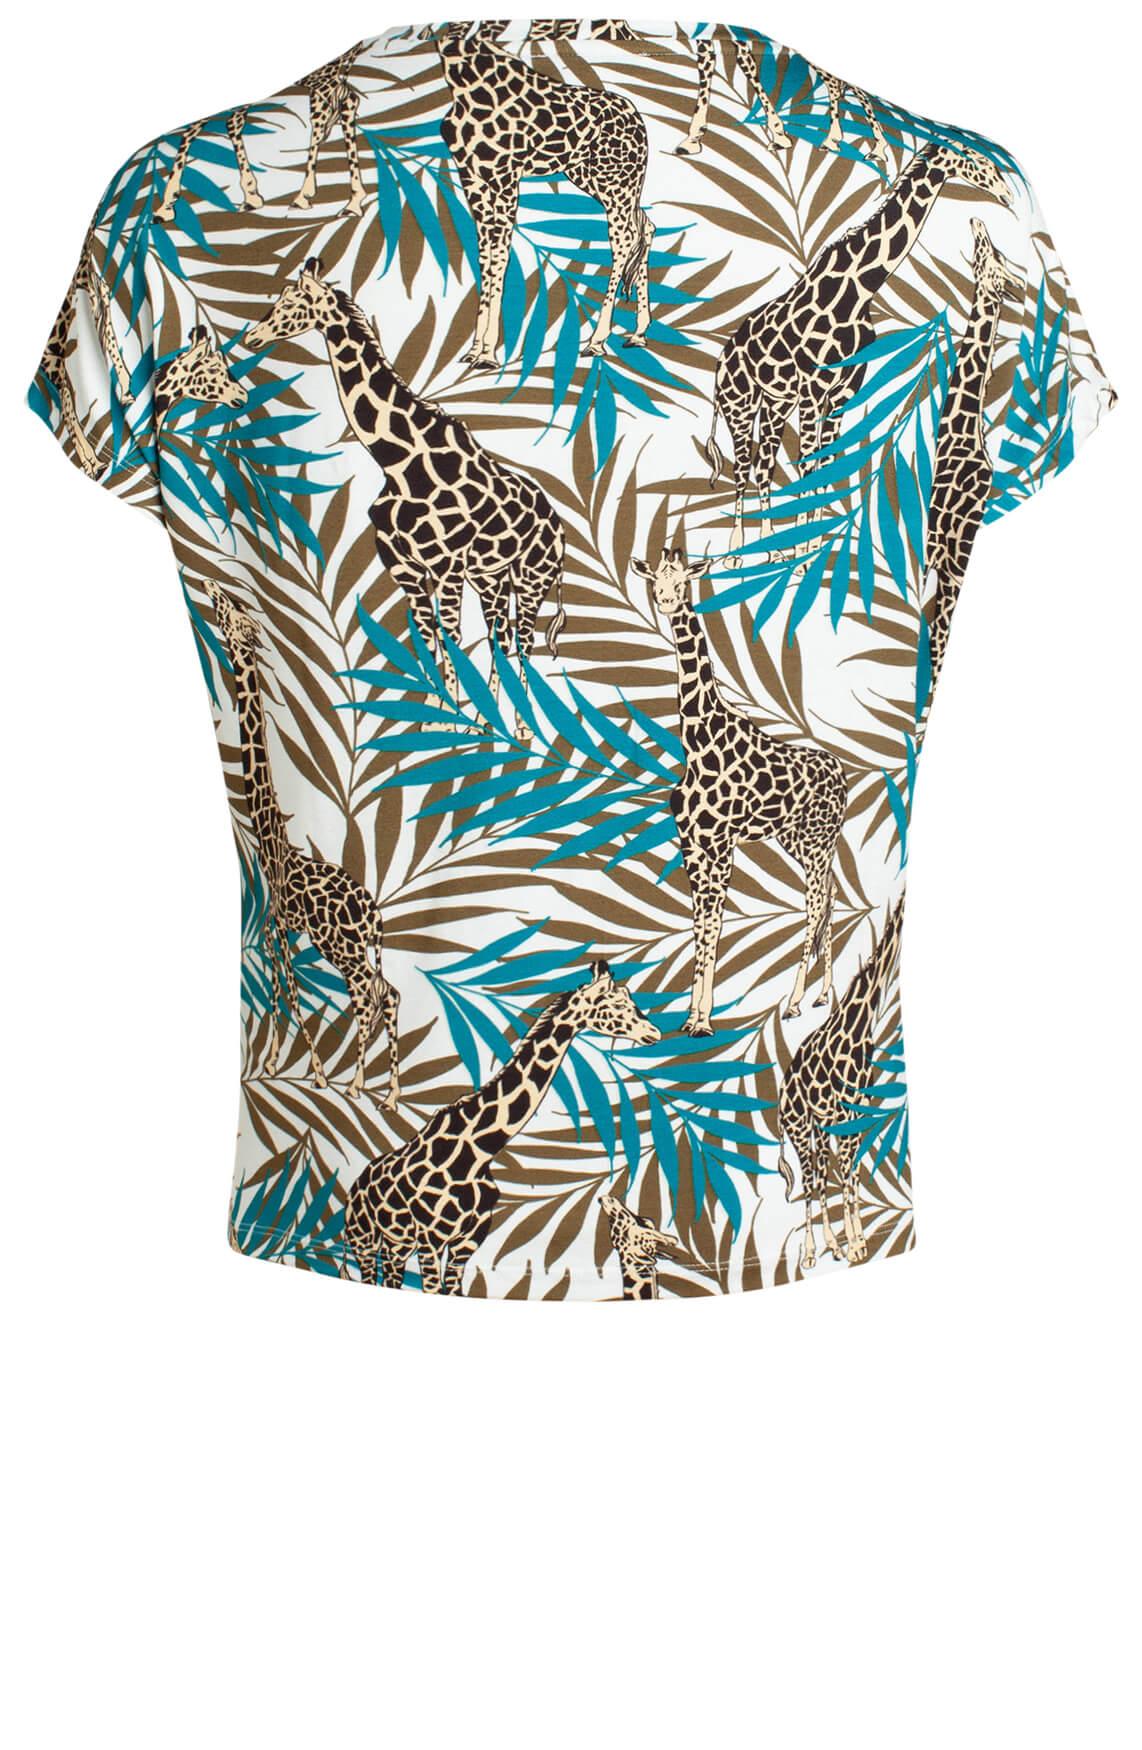 Anna Dames Shirt met giraffe print groen